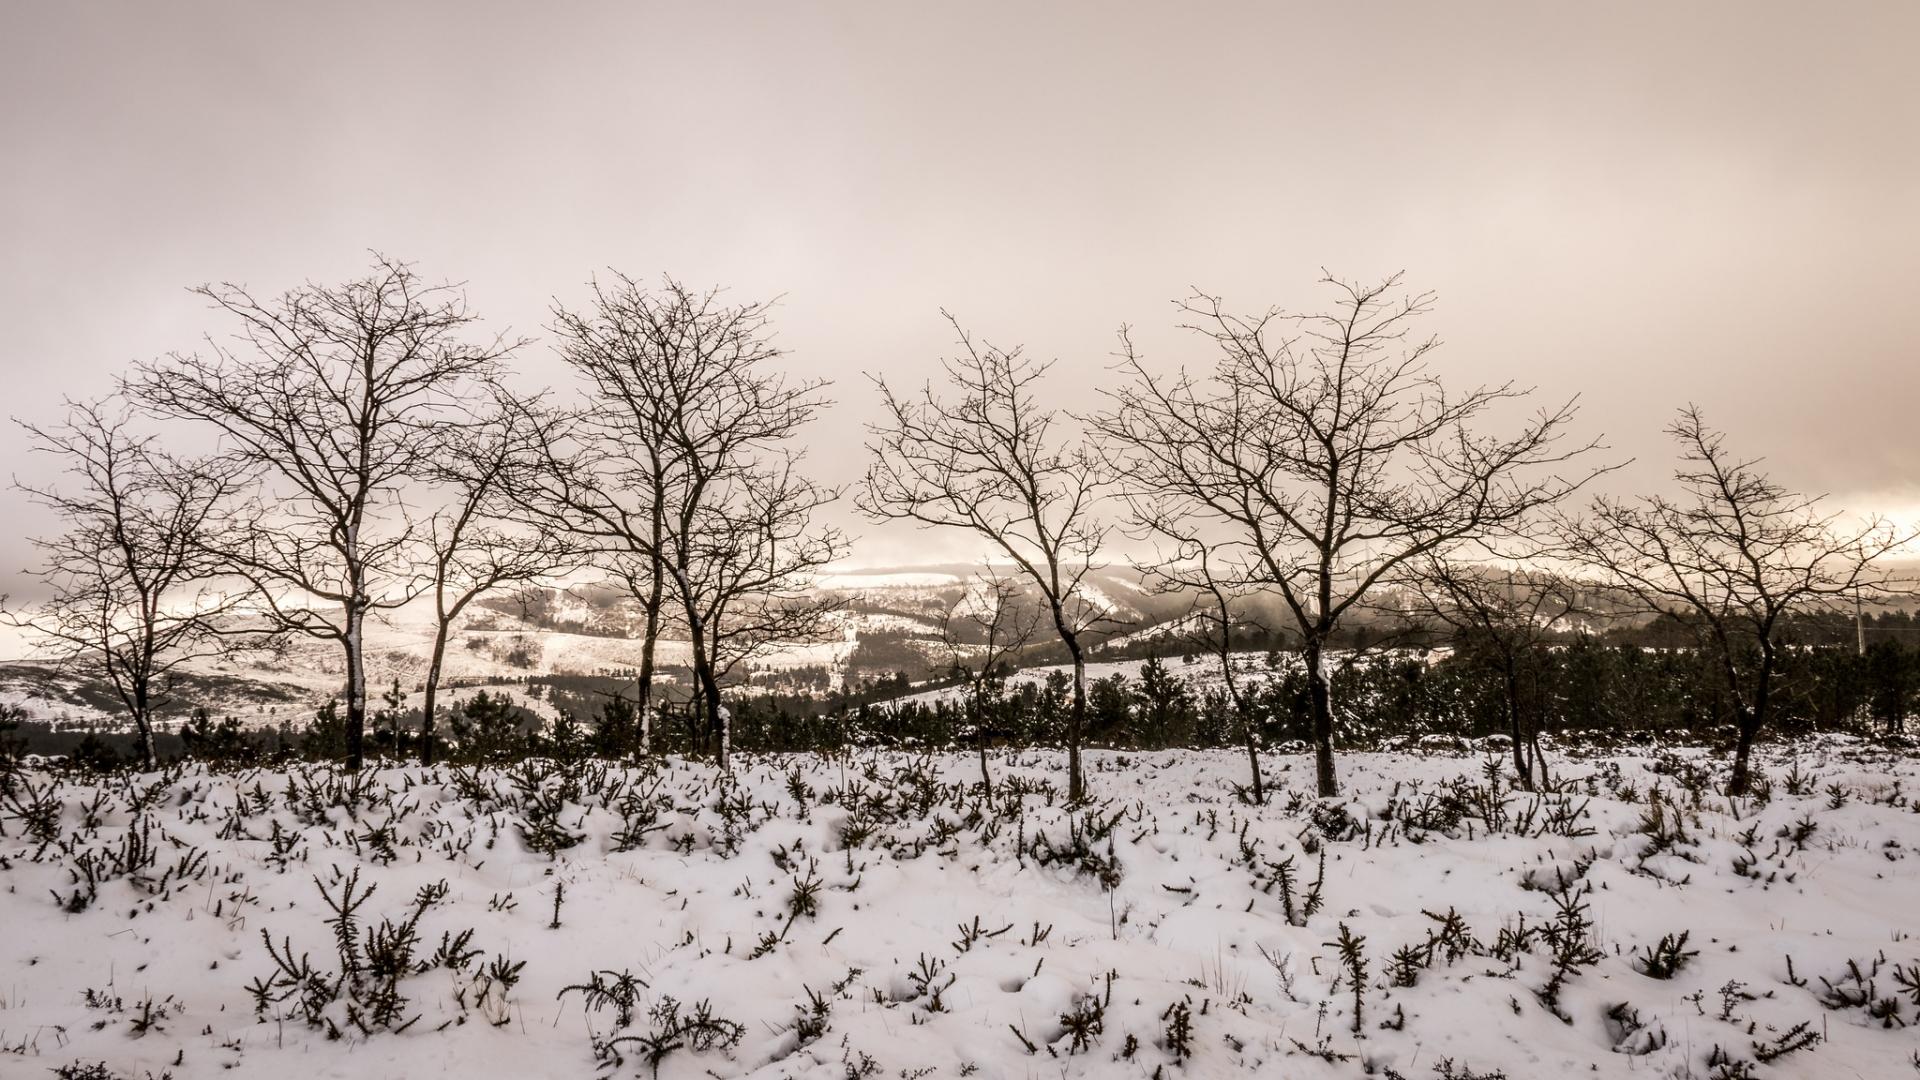 Otoño en las nieves - 1920x1080